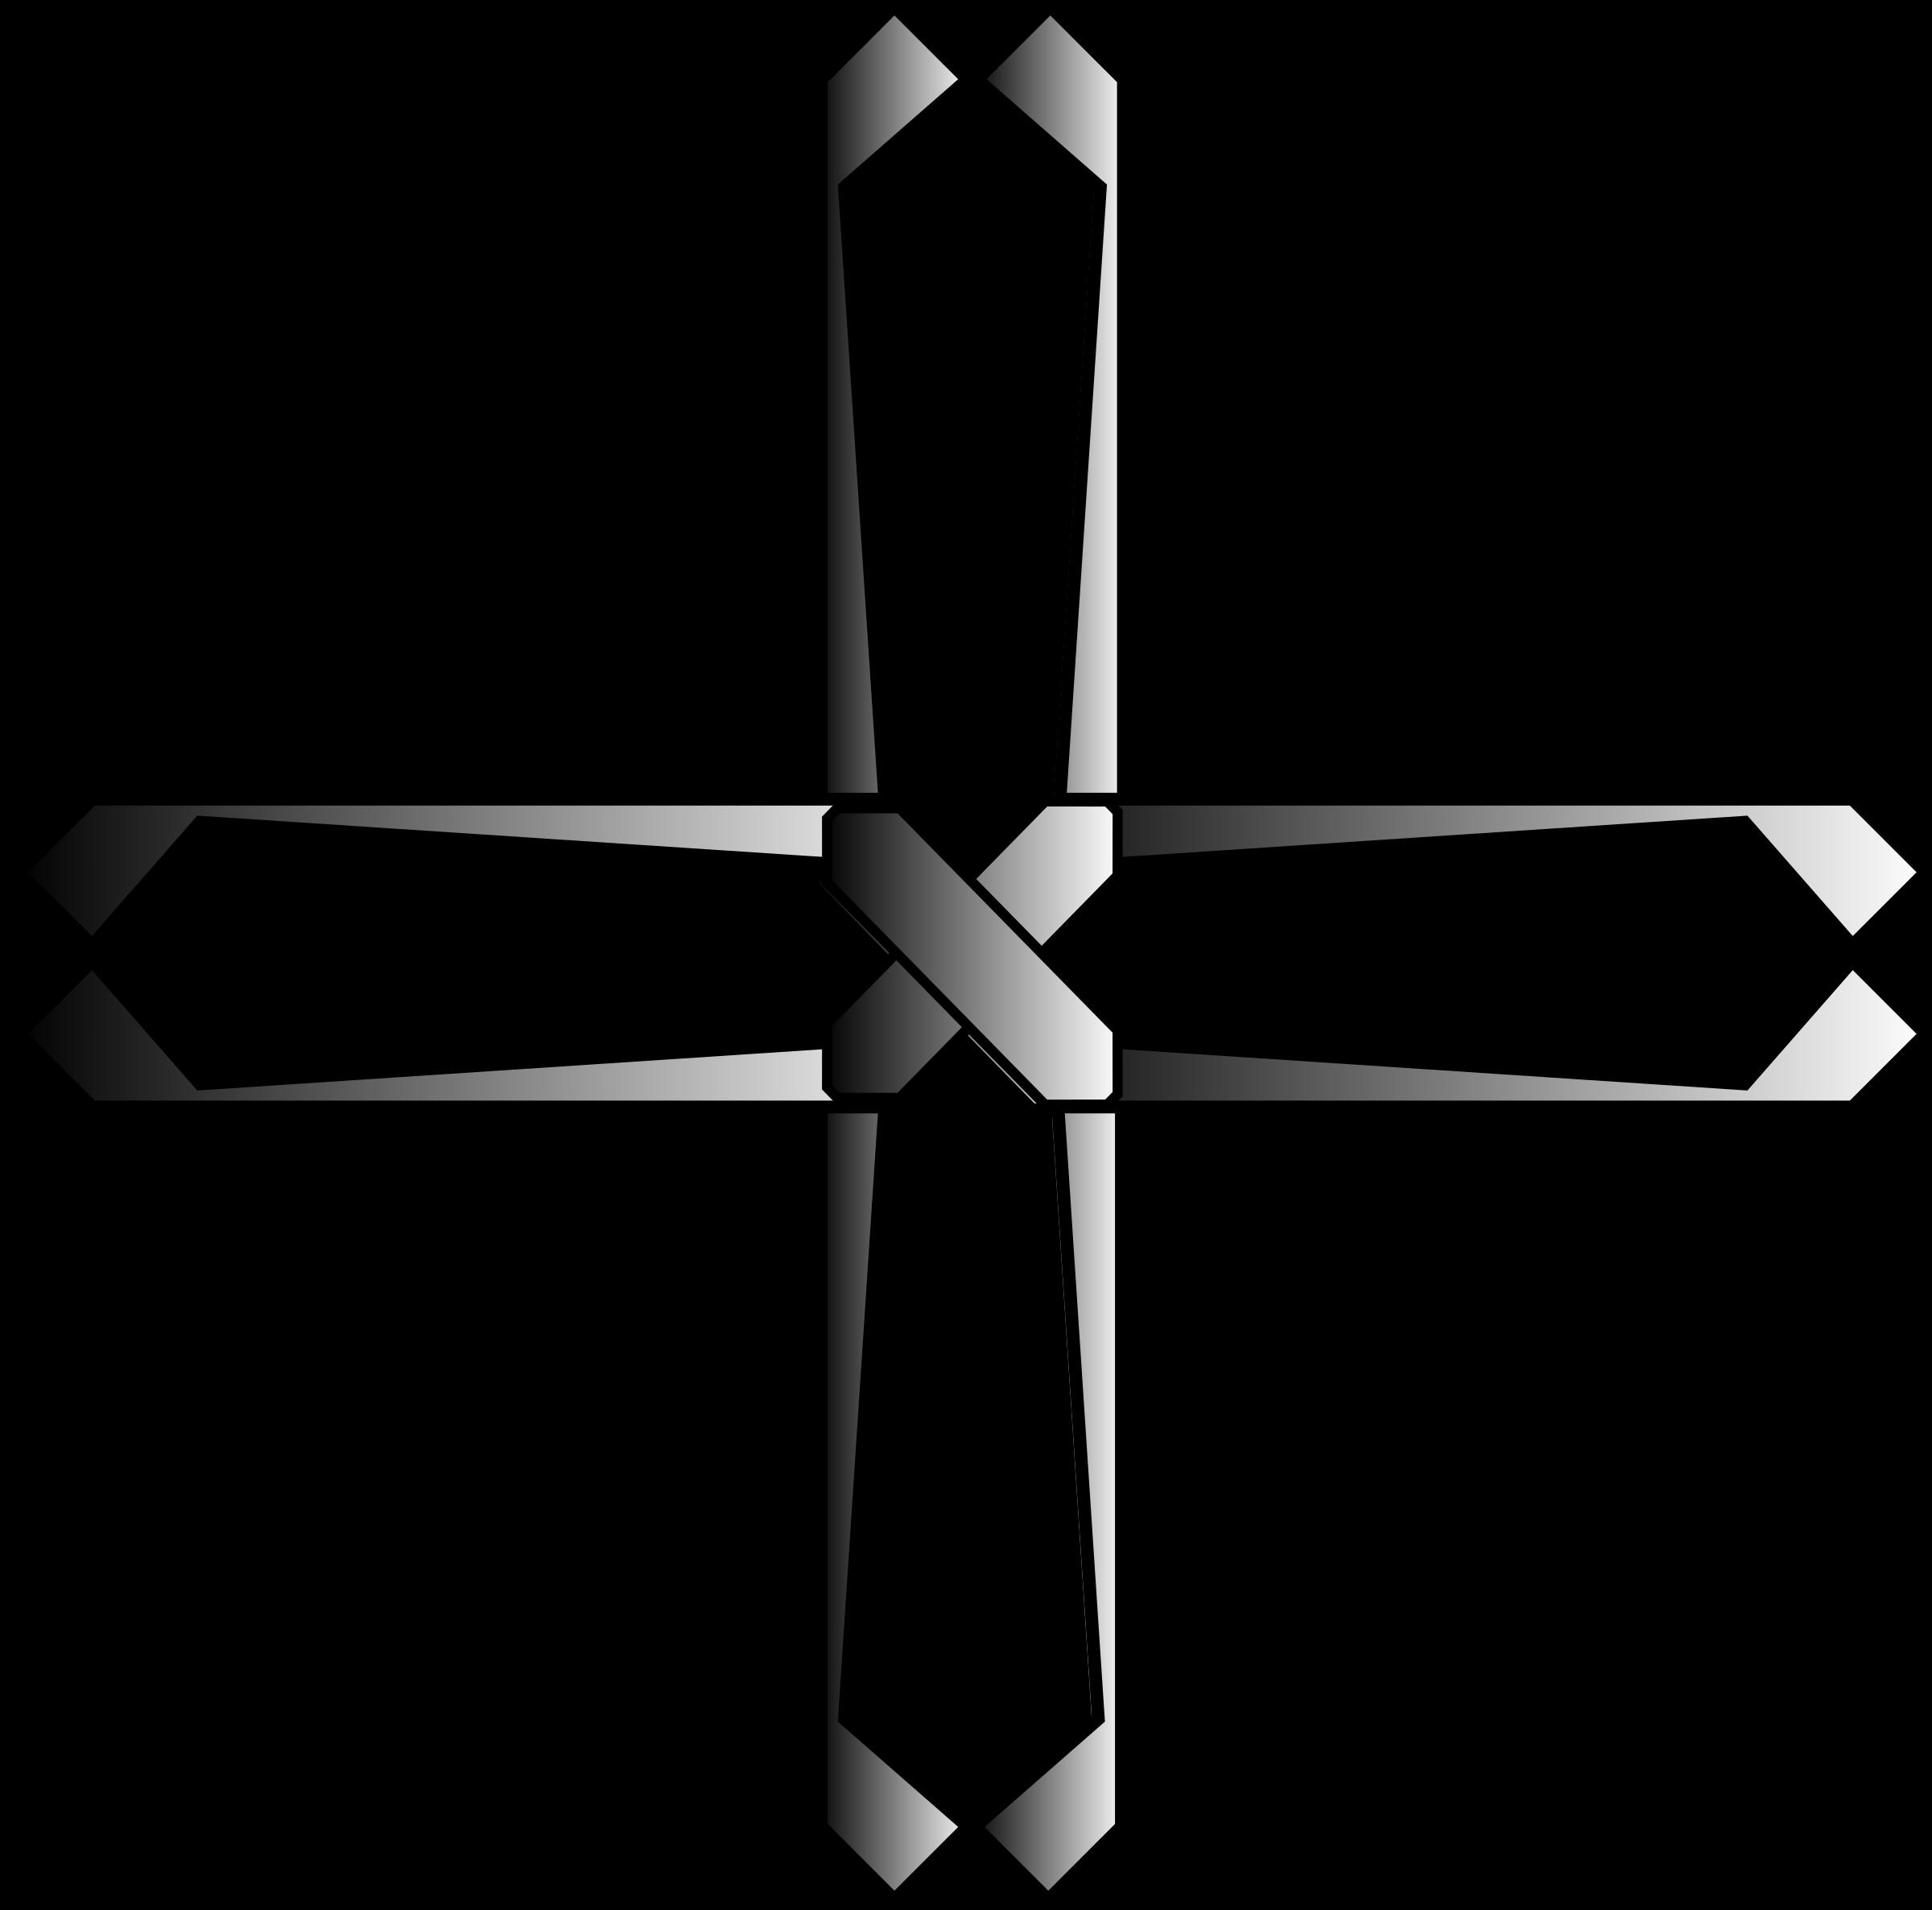 Cross clipart fancy. Holy steel greek big